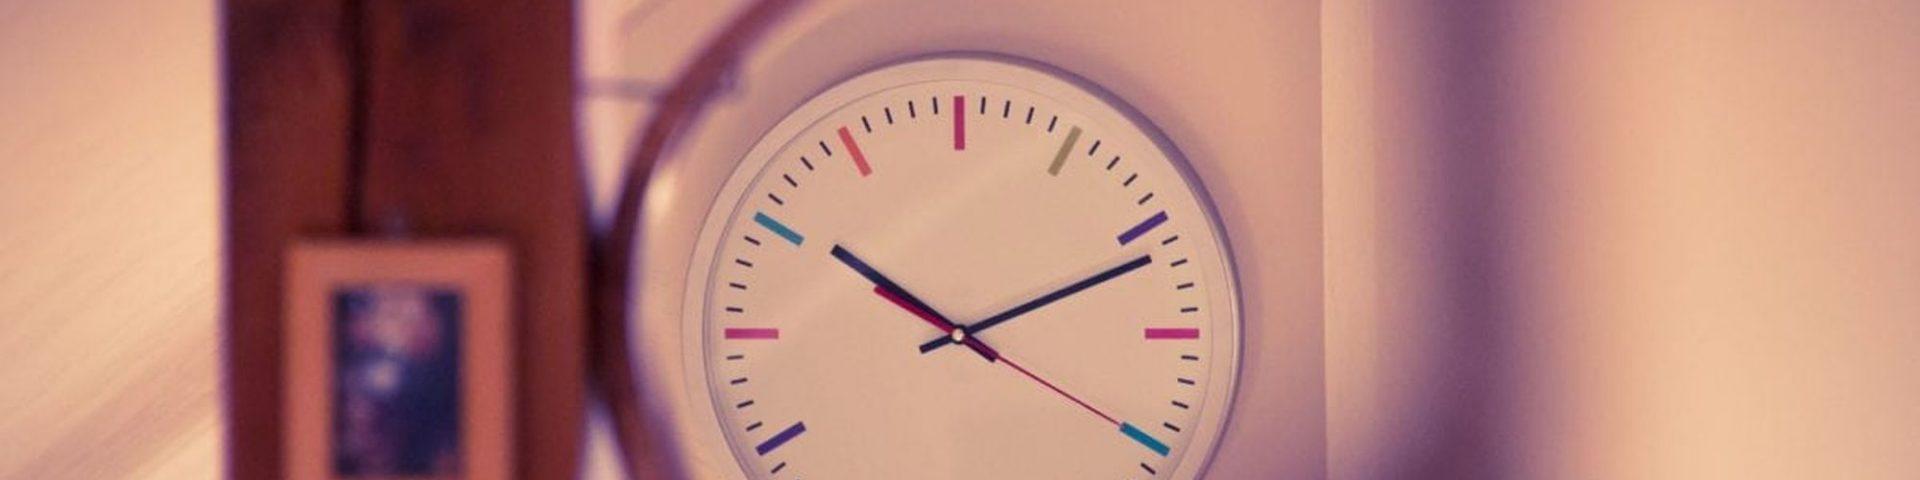 Quanti giorni mancano alla fine della quarantena?